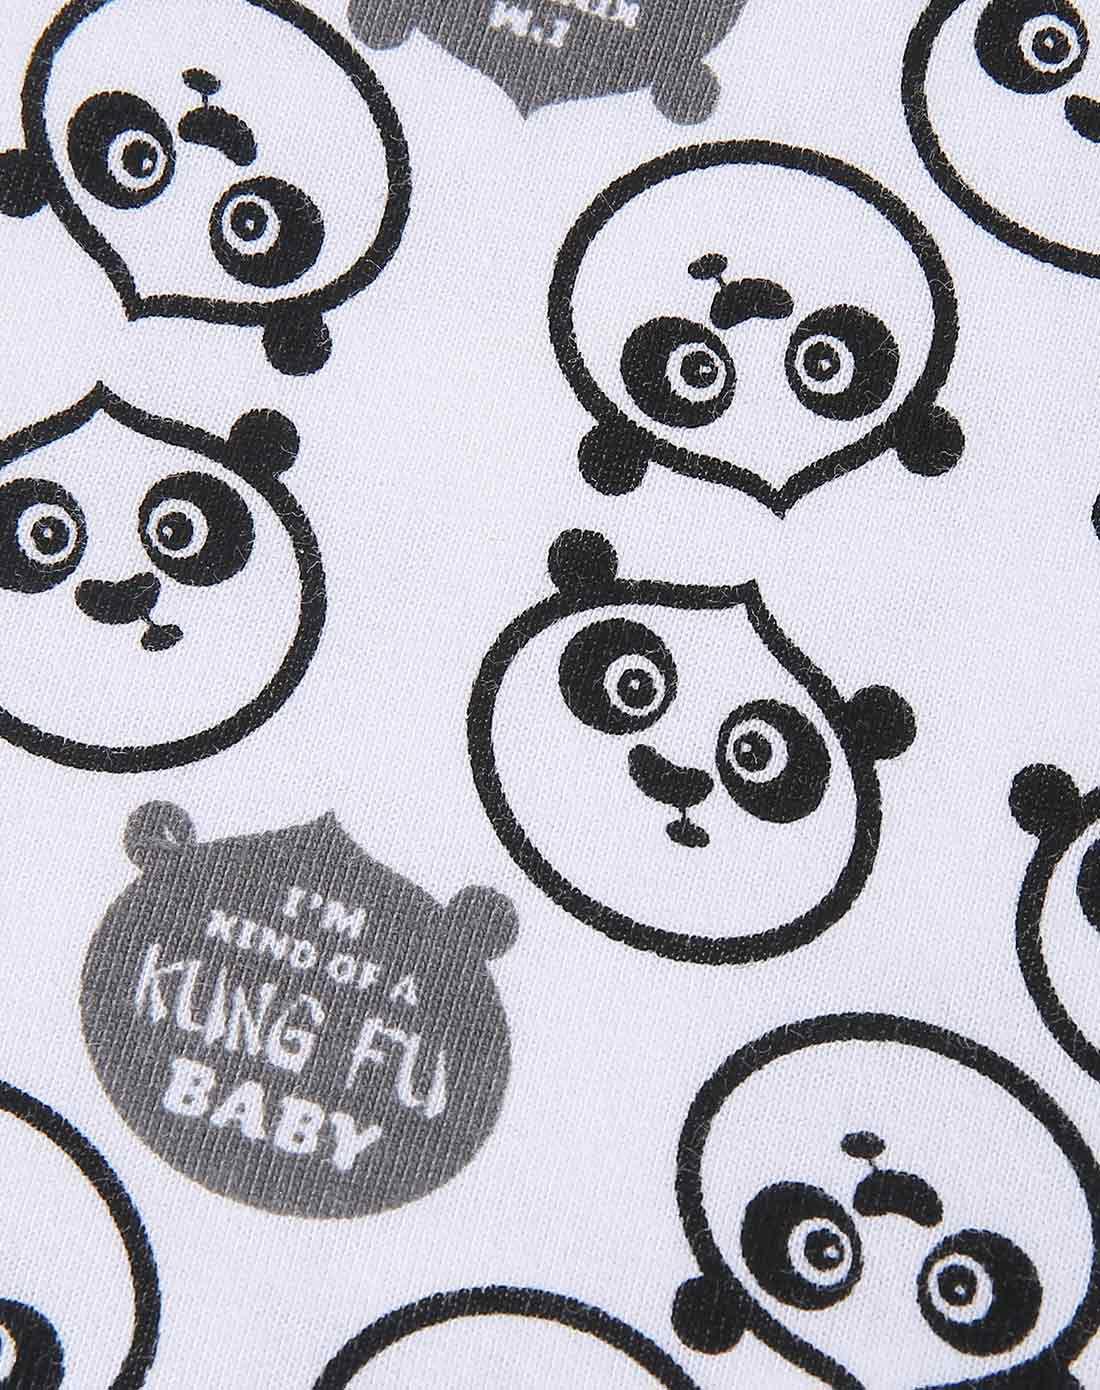 成人款白底印花(女款)熊猫大侠亲子圆领短袖t恤